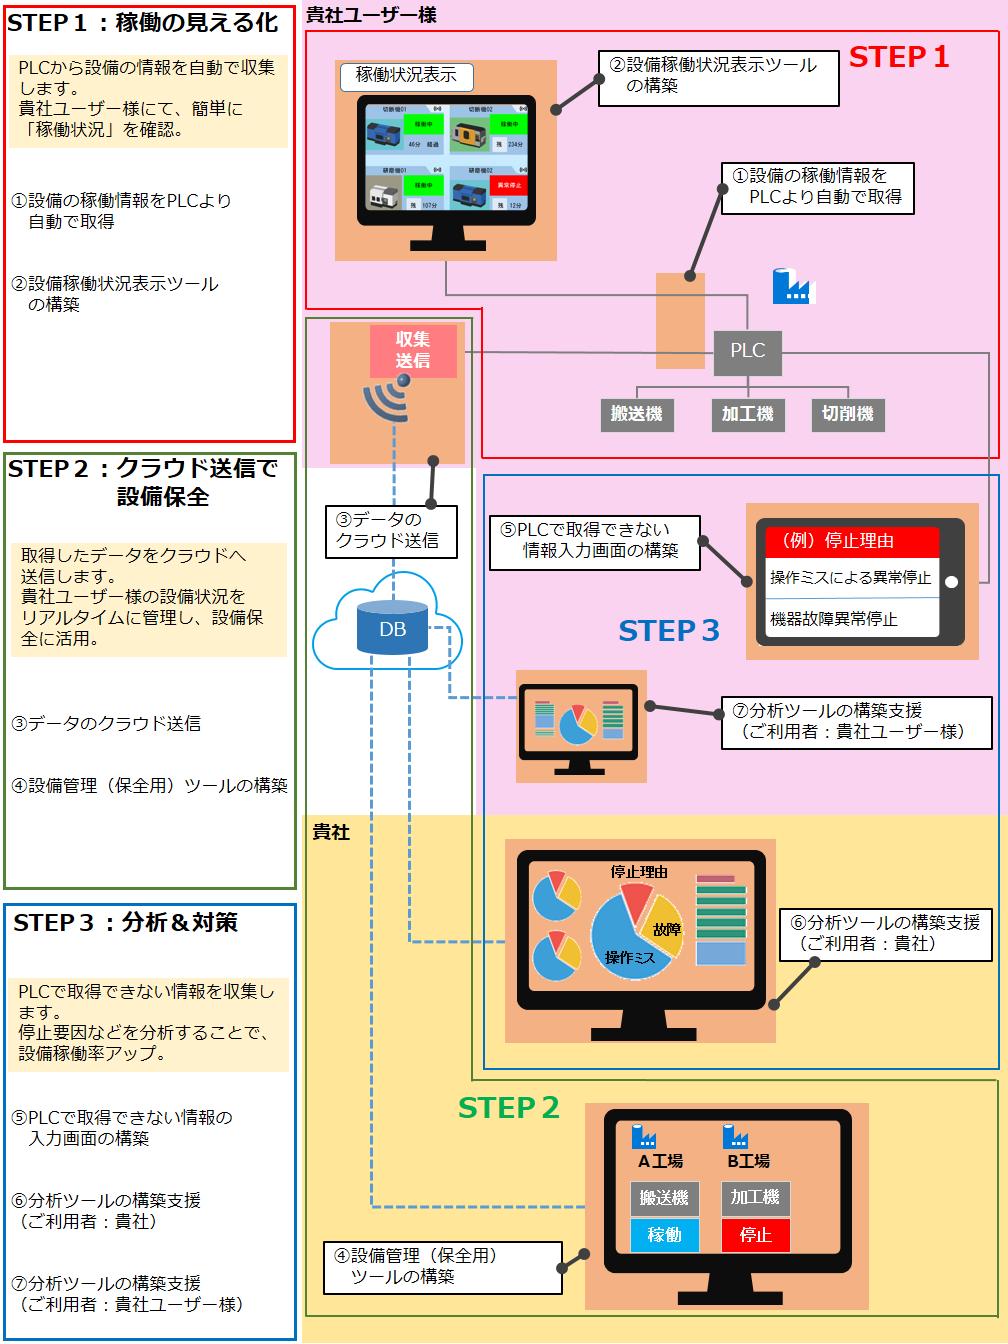 装置メーカー様向けIoTソリューション(ステップアップIoT)